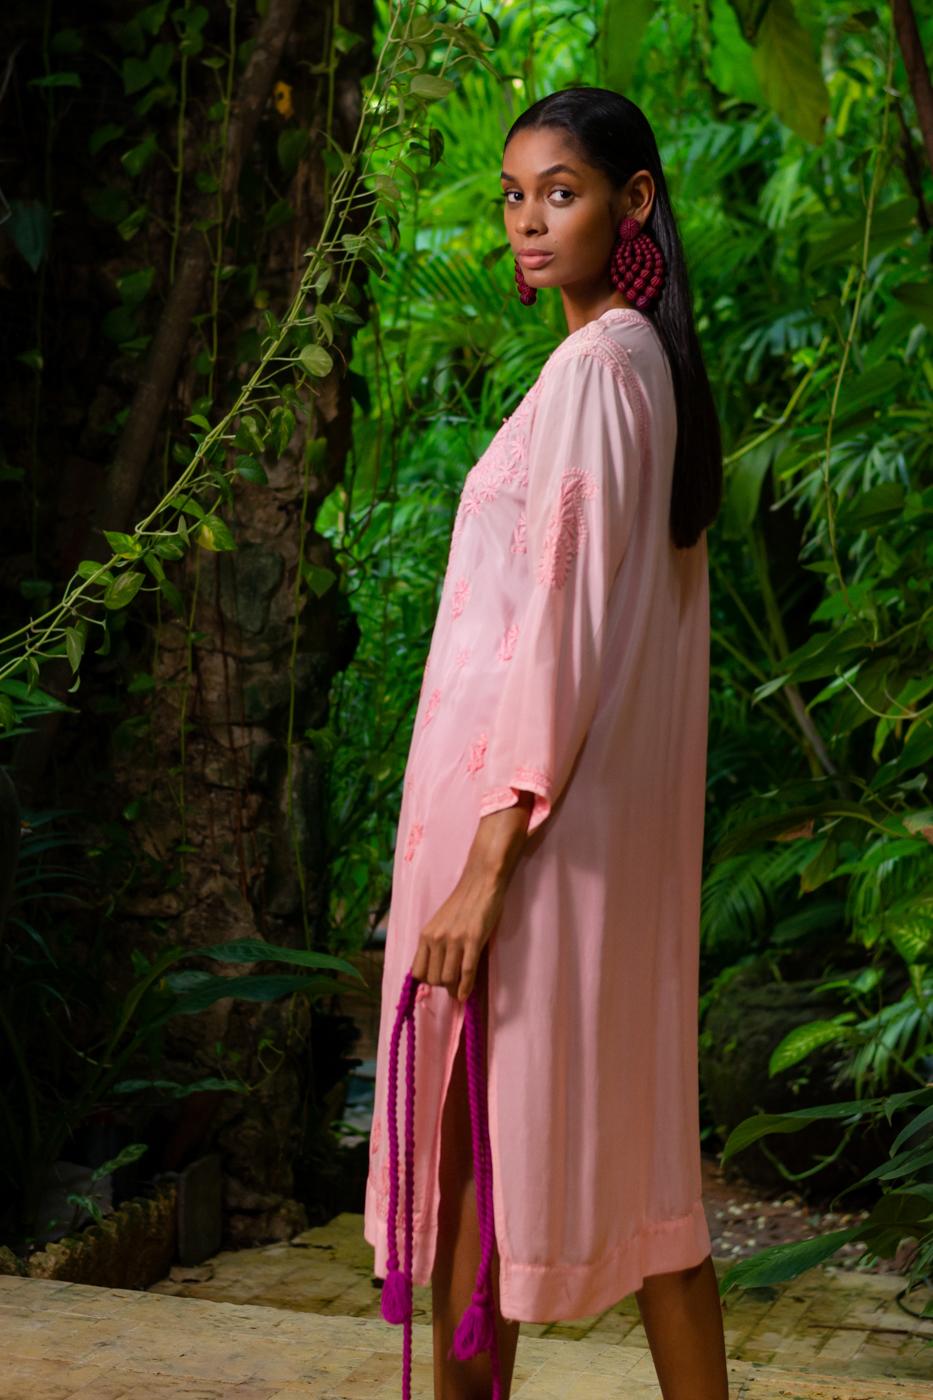 Vestido Kurta en algodón  tradicional de India-rosado